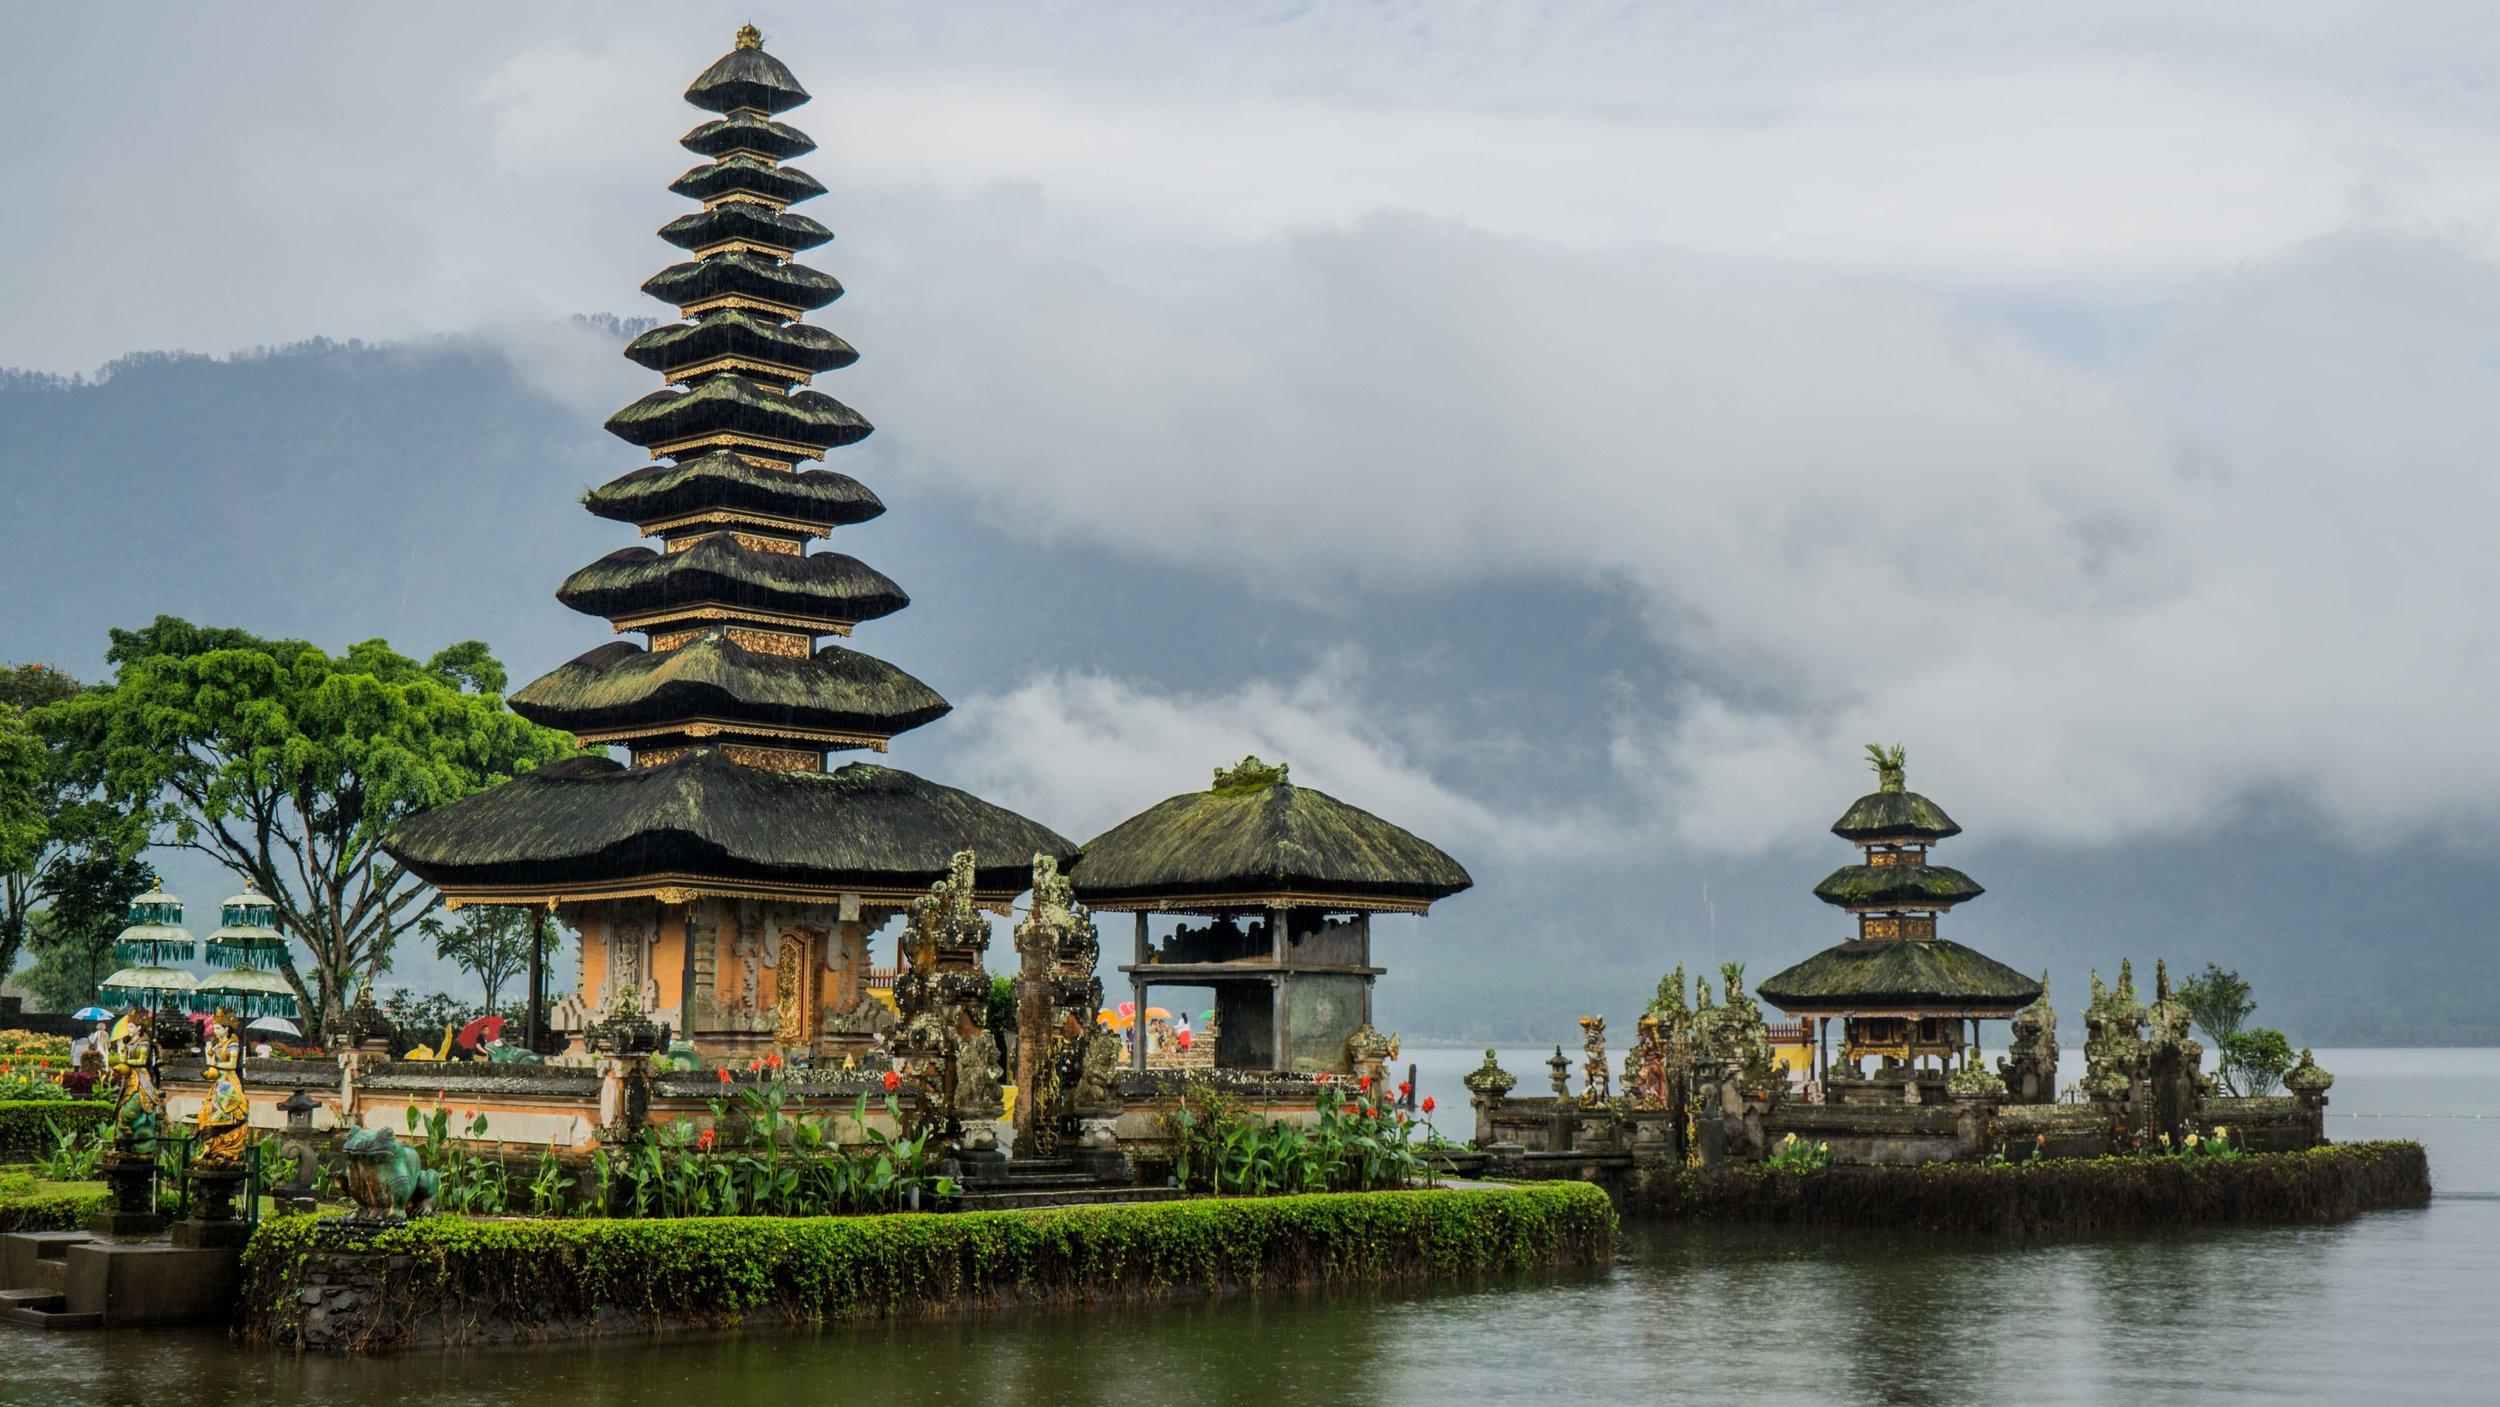 Ulun Danu Beratan Temple, Indonesia   Ulun Danu Beratan Temple in northern Bali